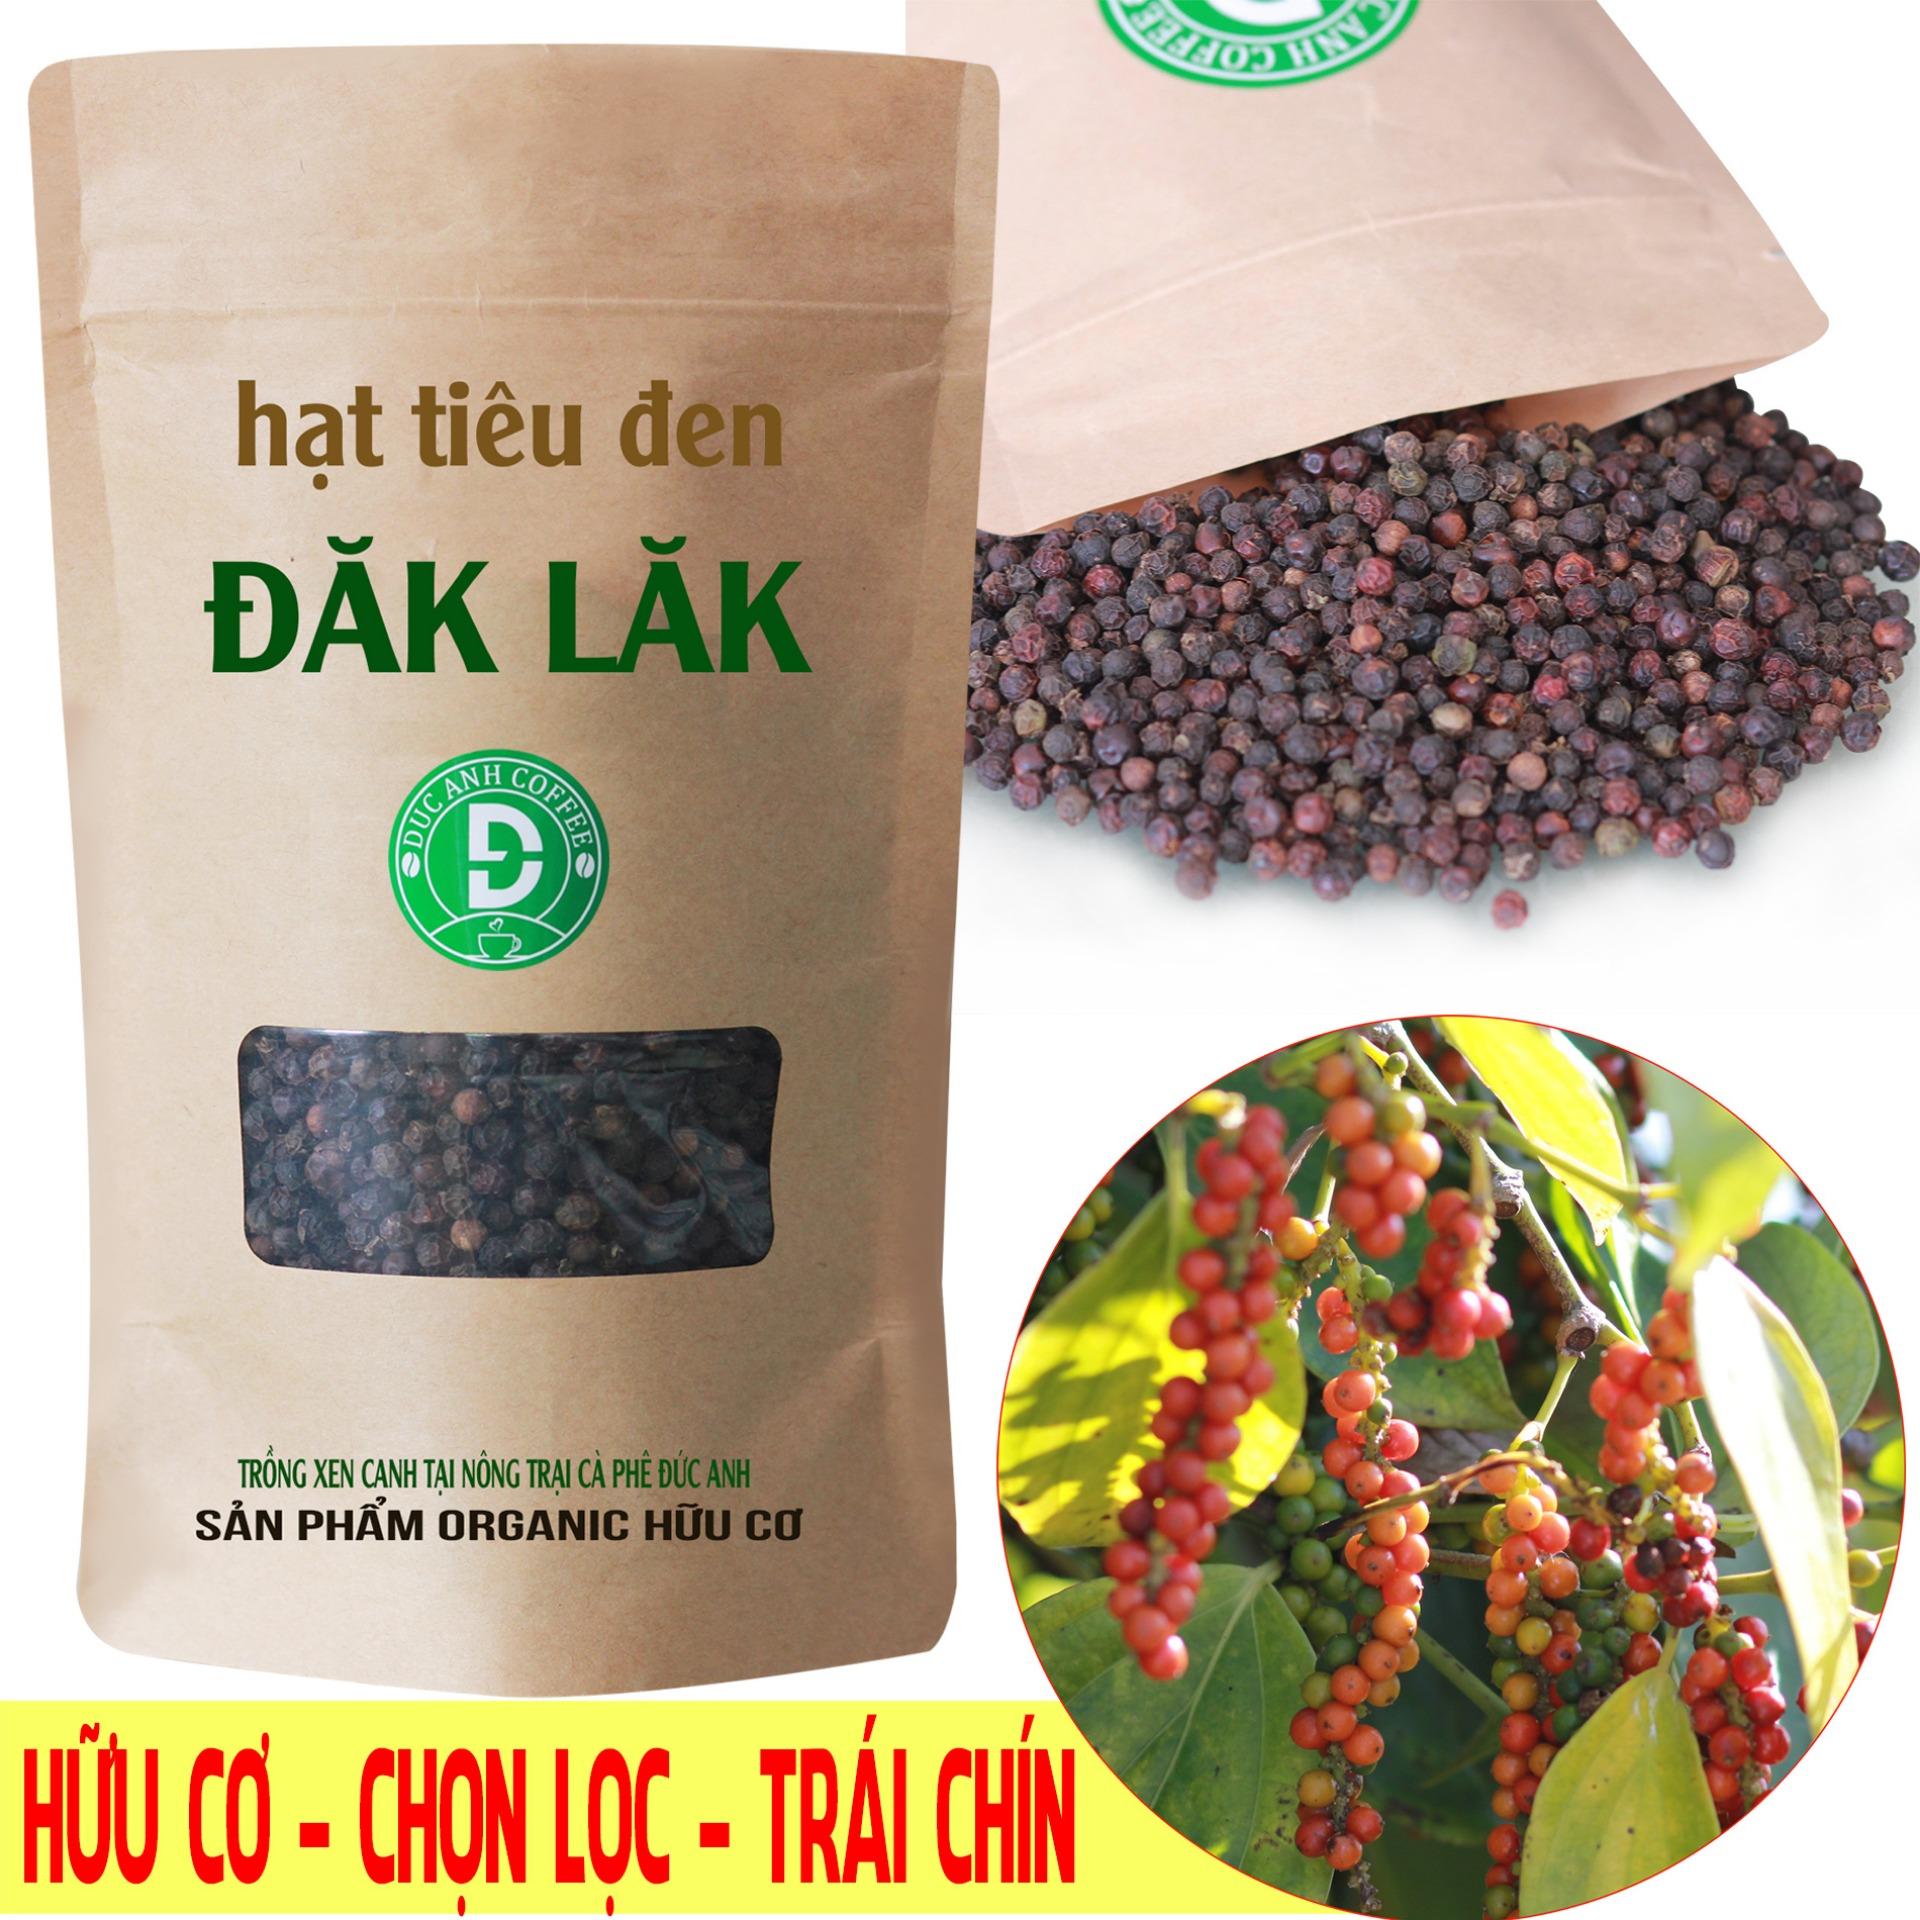 [HCM]0.2kg tiêu đen nguyên hạt mùa vụ mới - trồng xen canh cà phê tại nông trại công ty cà phê Đức Anh - sản phẩm chọn lọc trái chín - gia vị cuộc sống - DUC ANH COFFEE